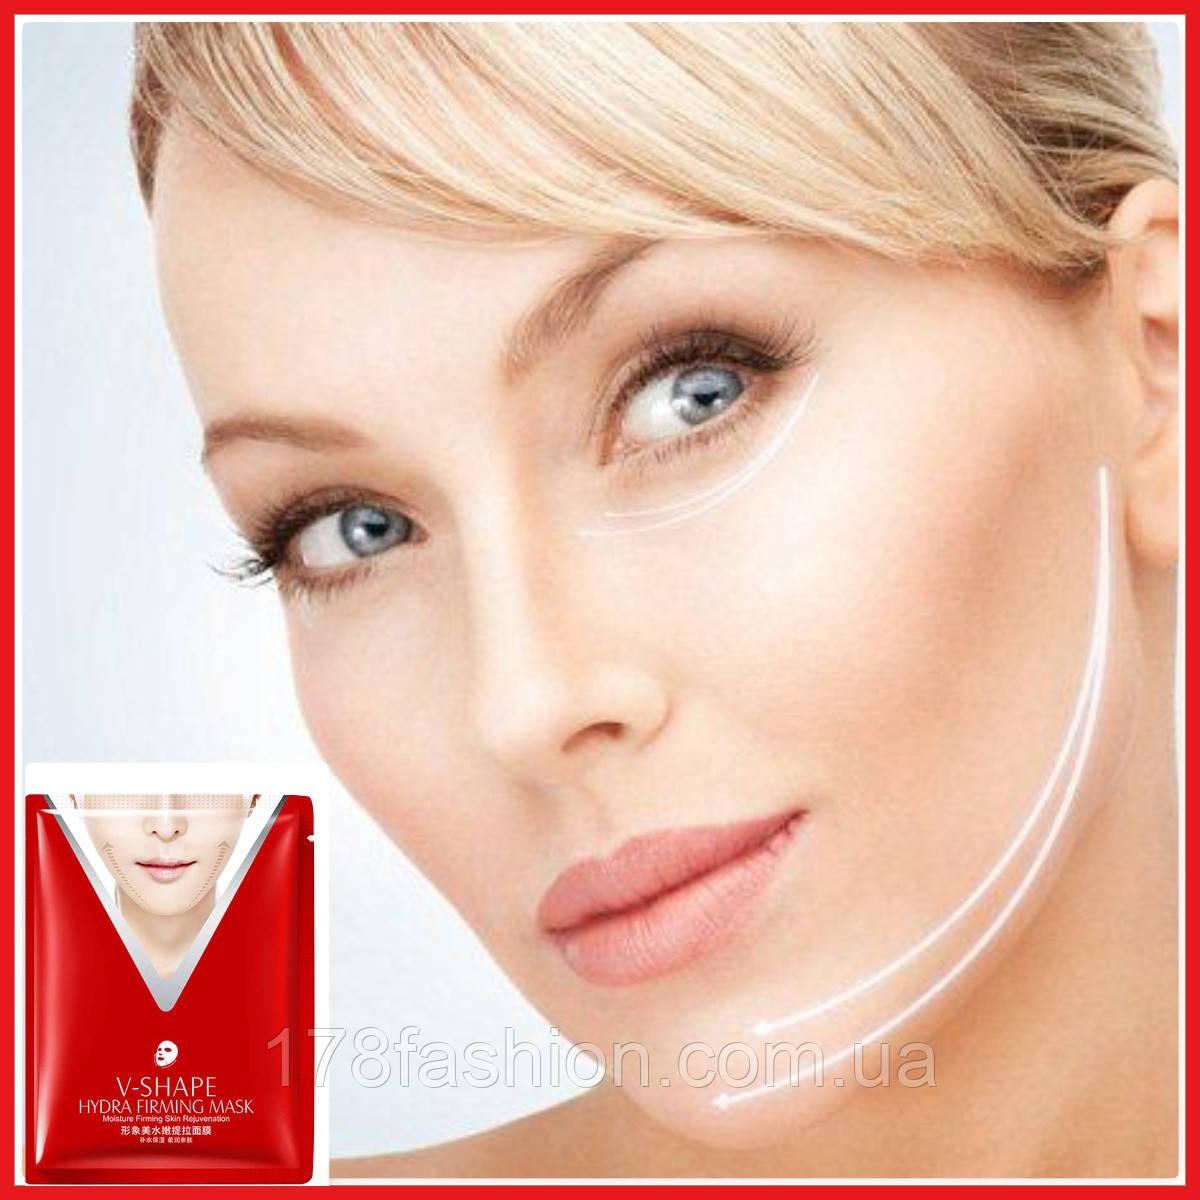 Тканевая маска для упругости и подтяжки овала лица с лифтинговым эффектом